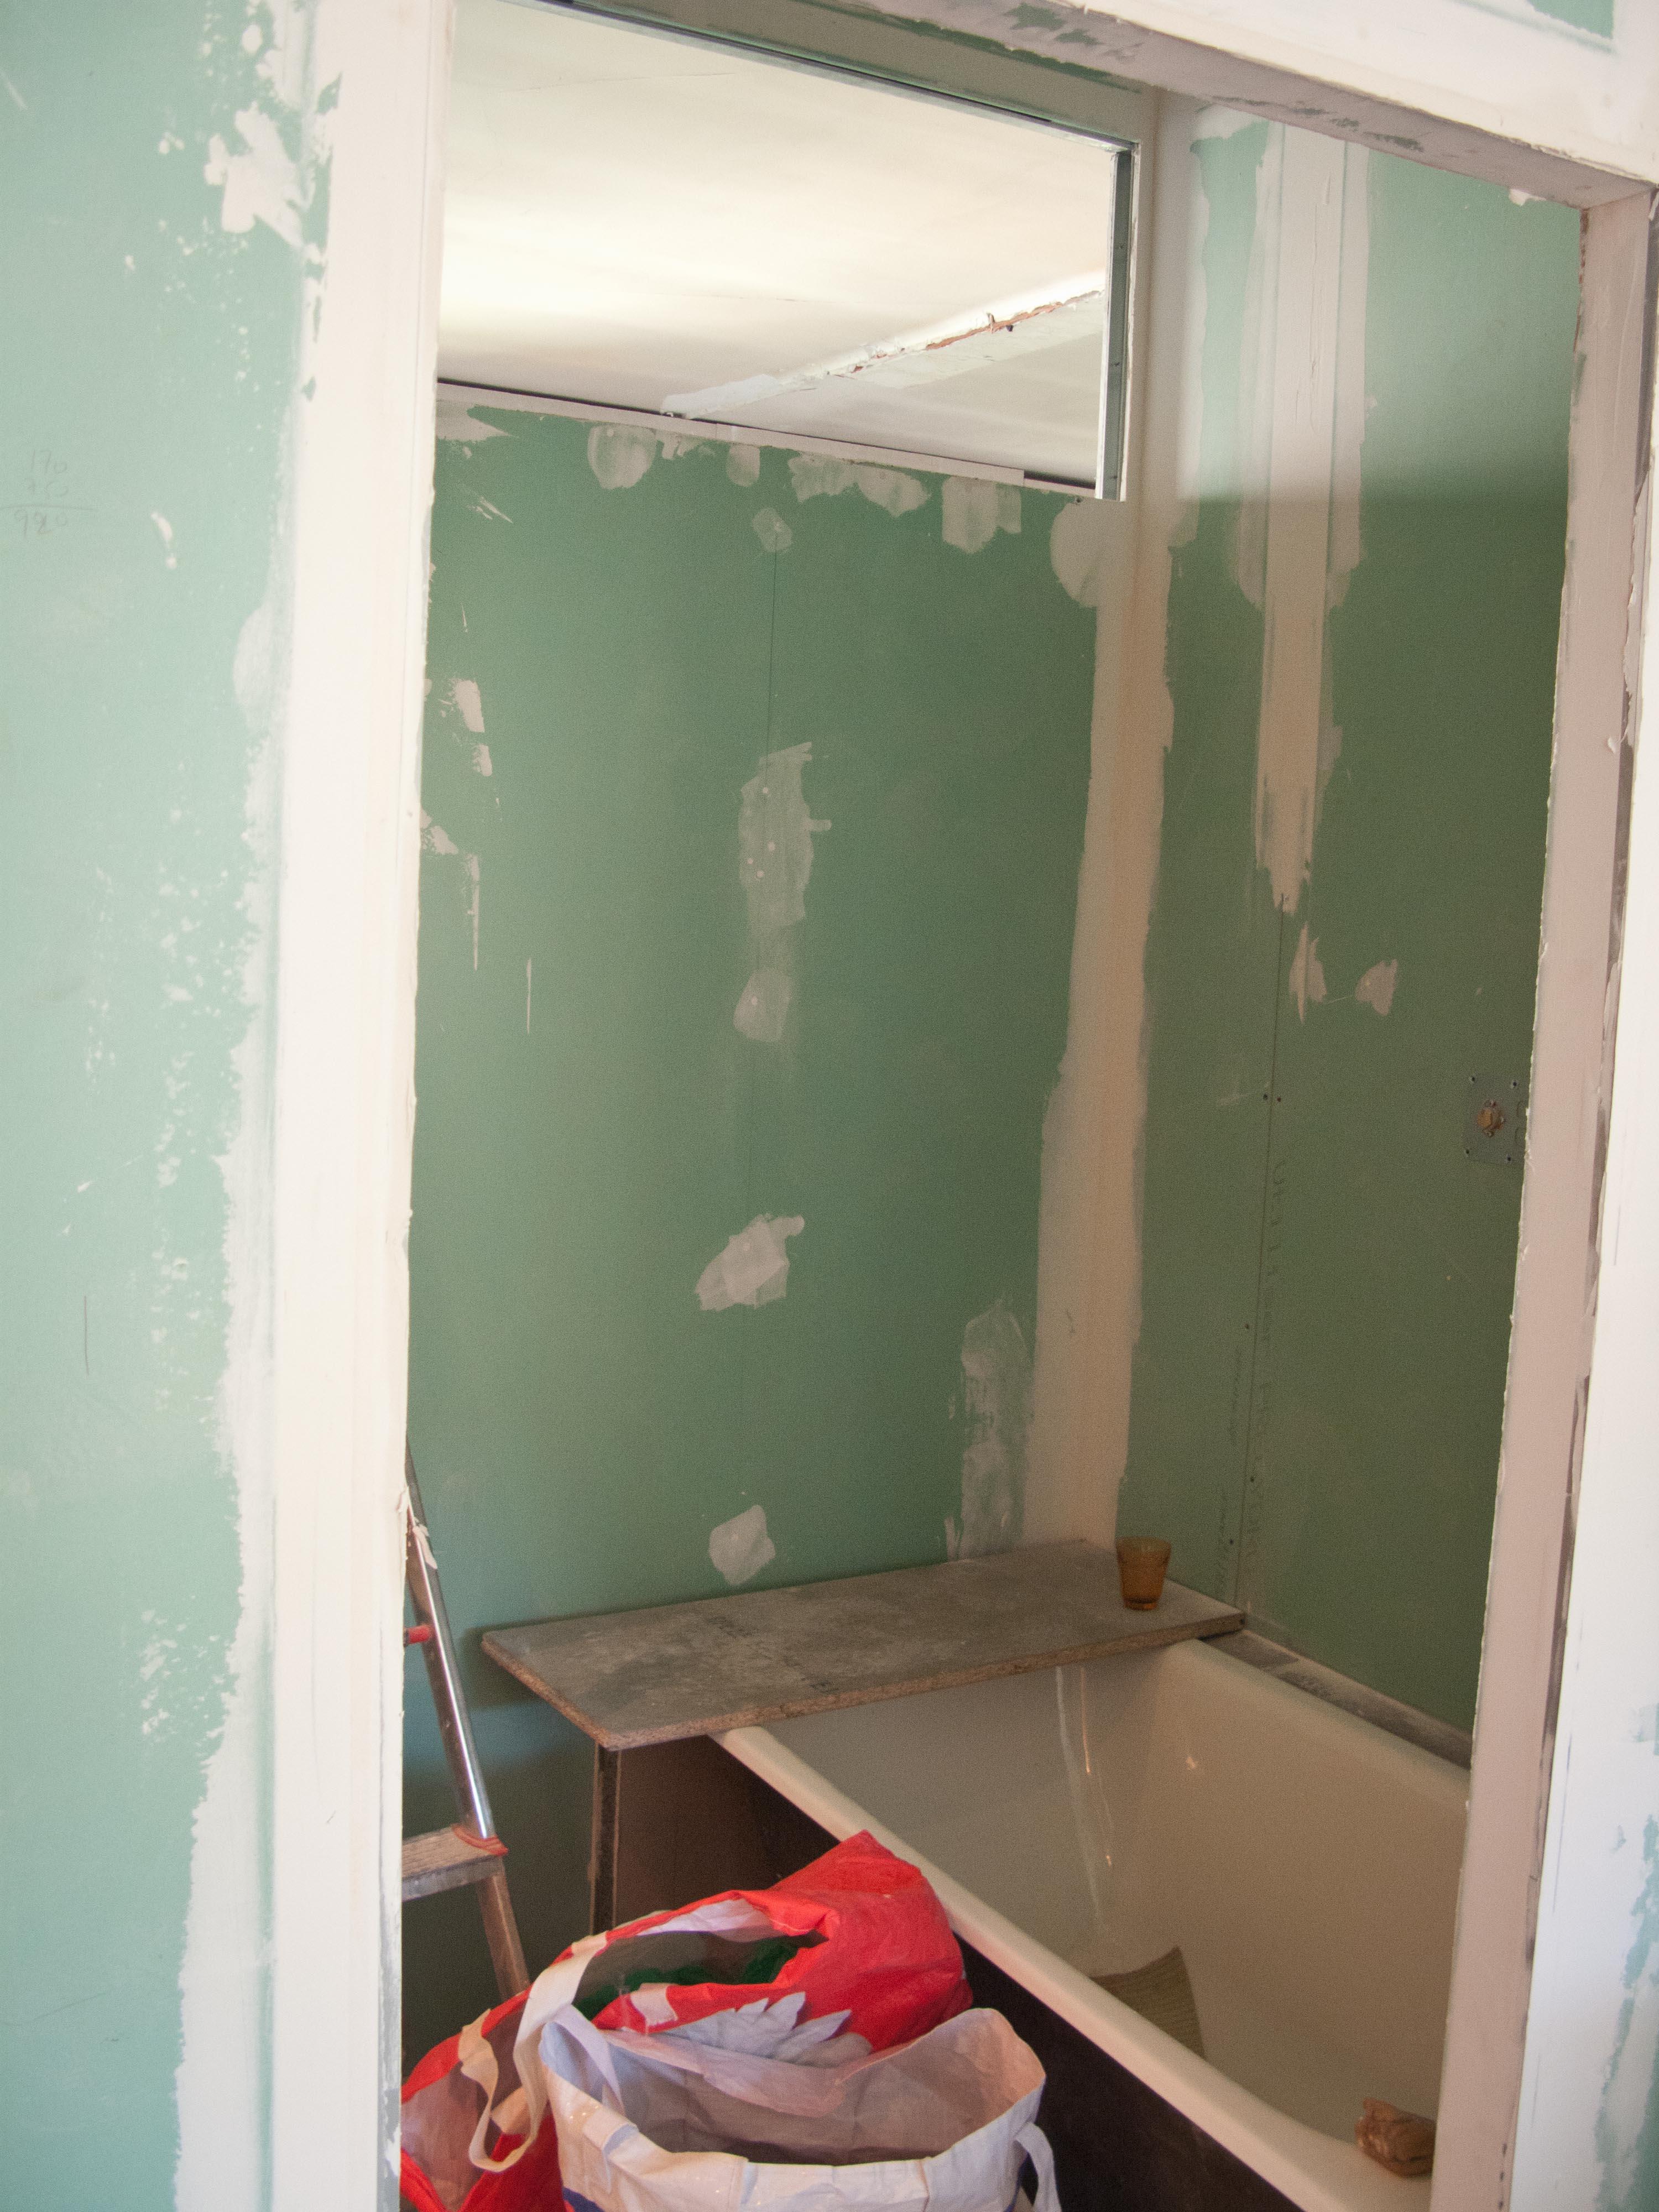 18/22 août... salle de bains, ragréage, faux plafond et bandes de ...